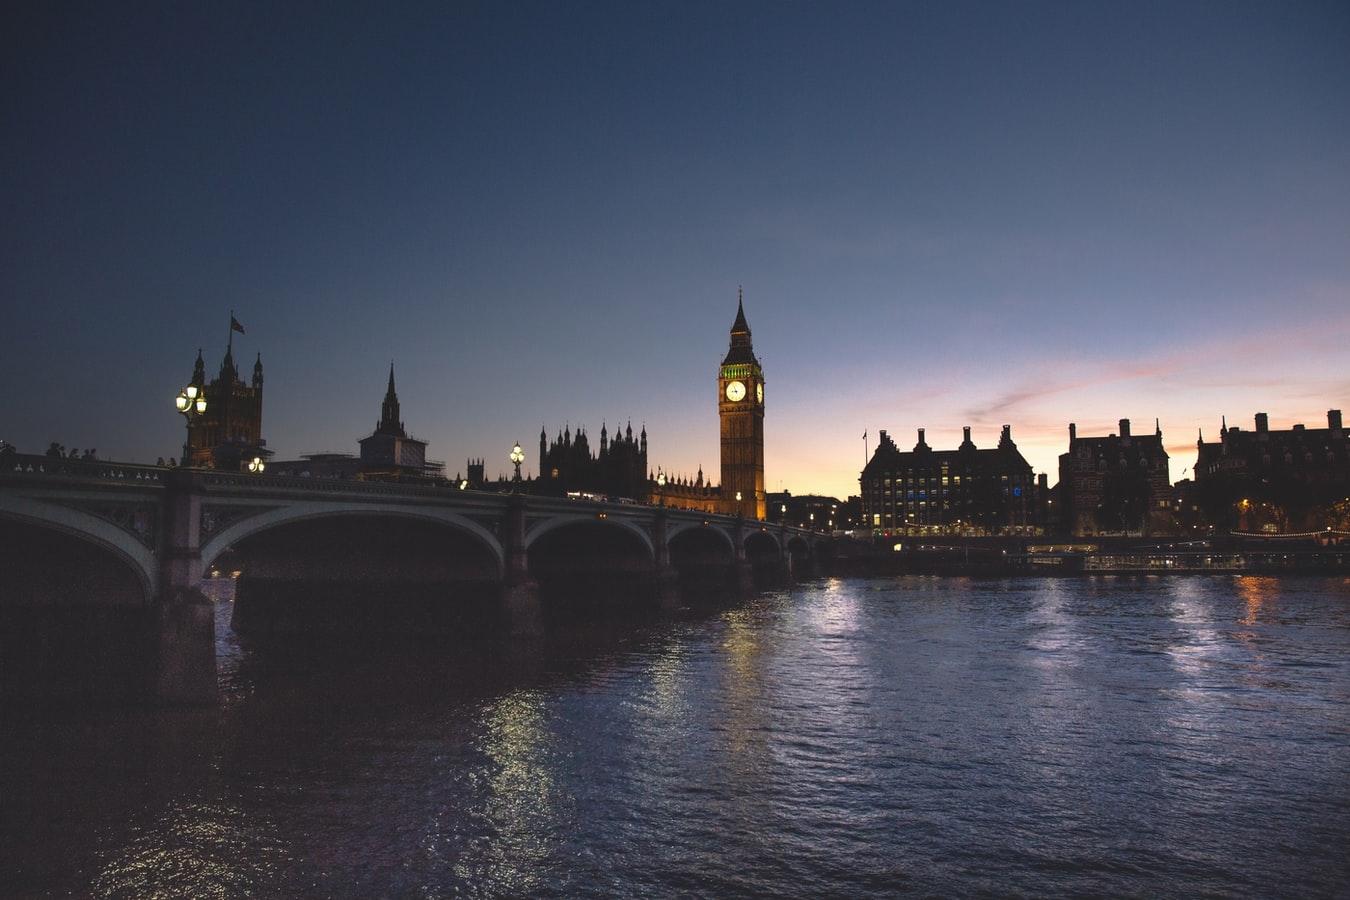 「【体験談】イギリス留学に失敗しないために私がおすすめしたいこと」のアイキャッチ画像